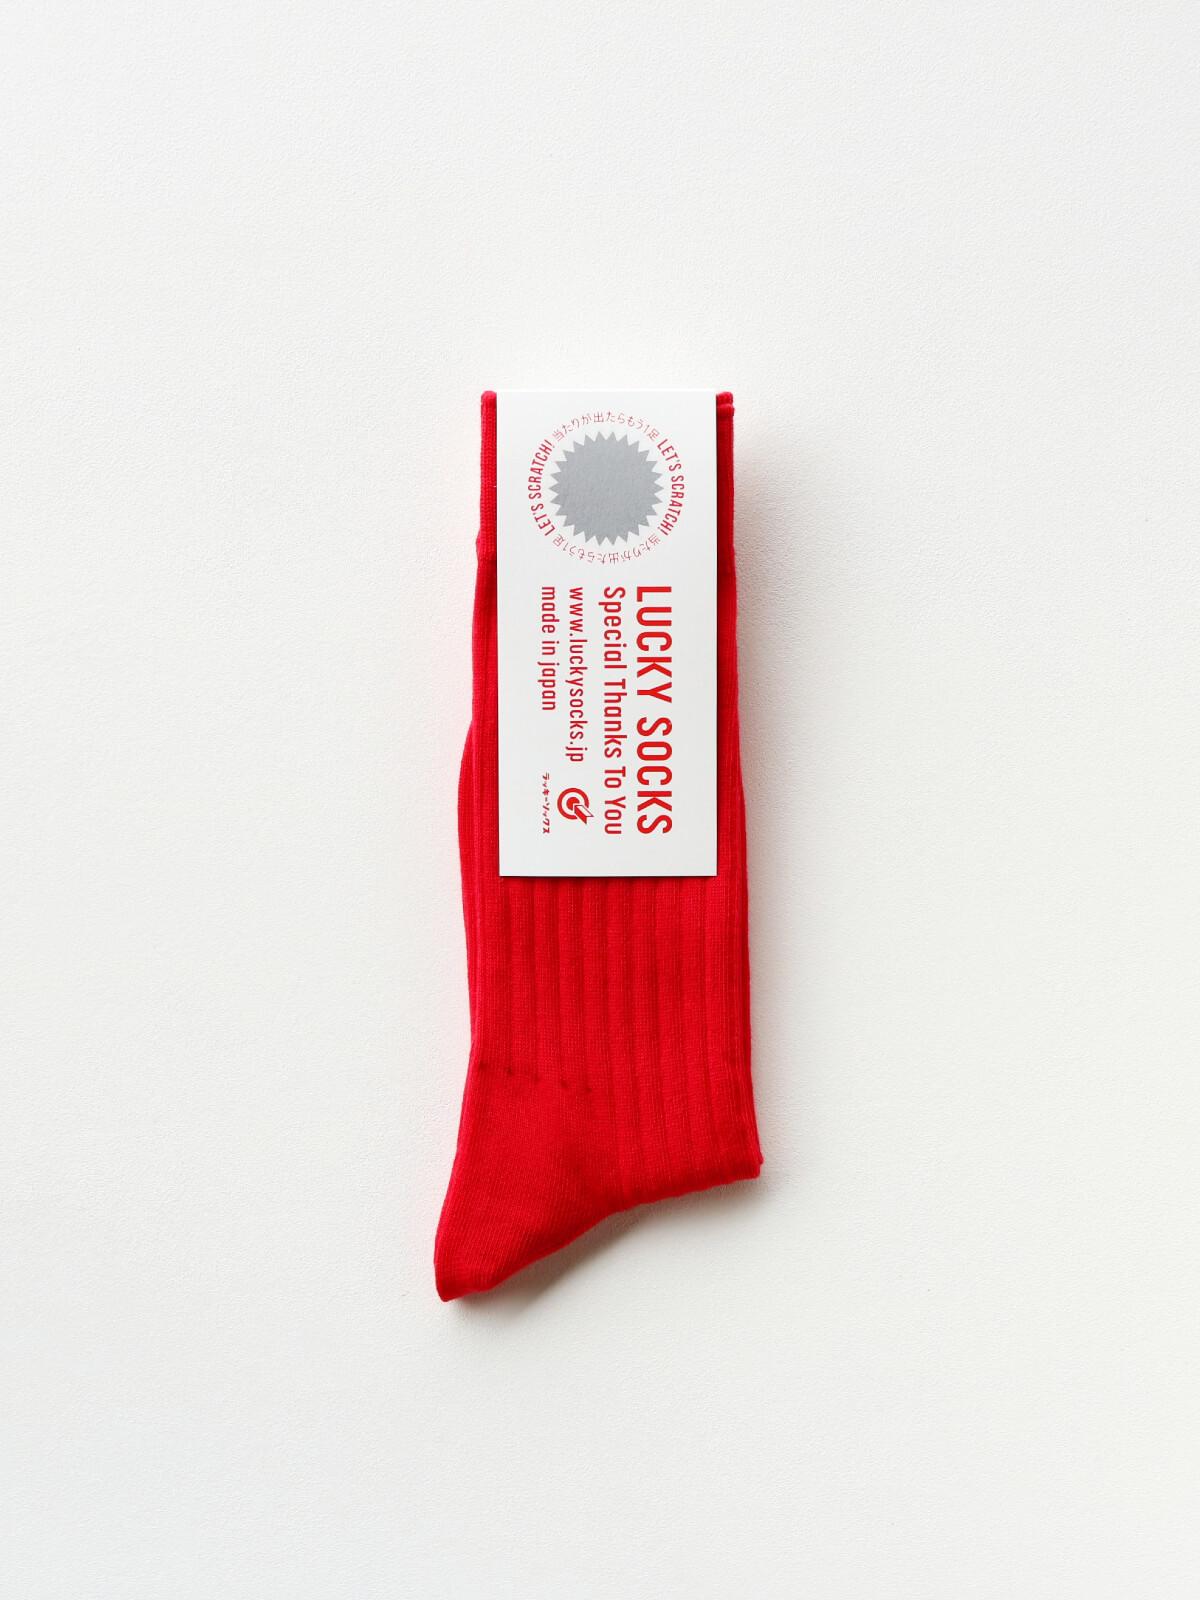 当たりつきギフト専用靴下のLUCKY SOCKS(ラッキーソックス)のLight Rib Socks(ライトリブソックス)のレッド_1